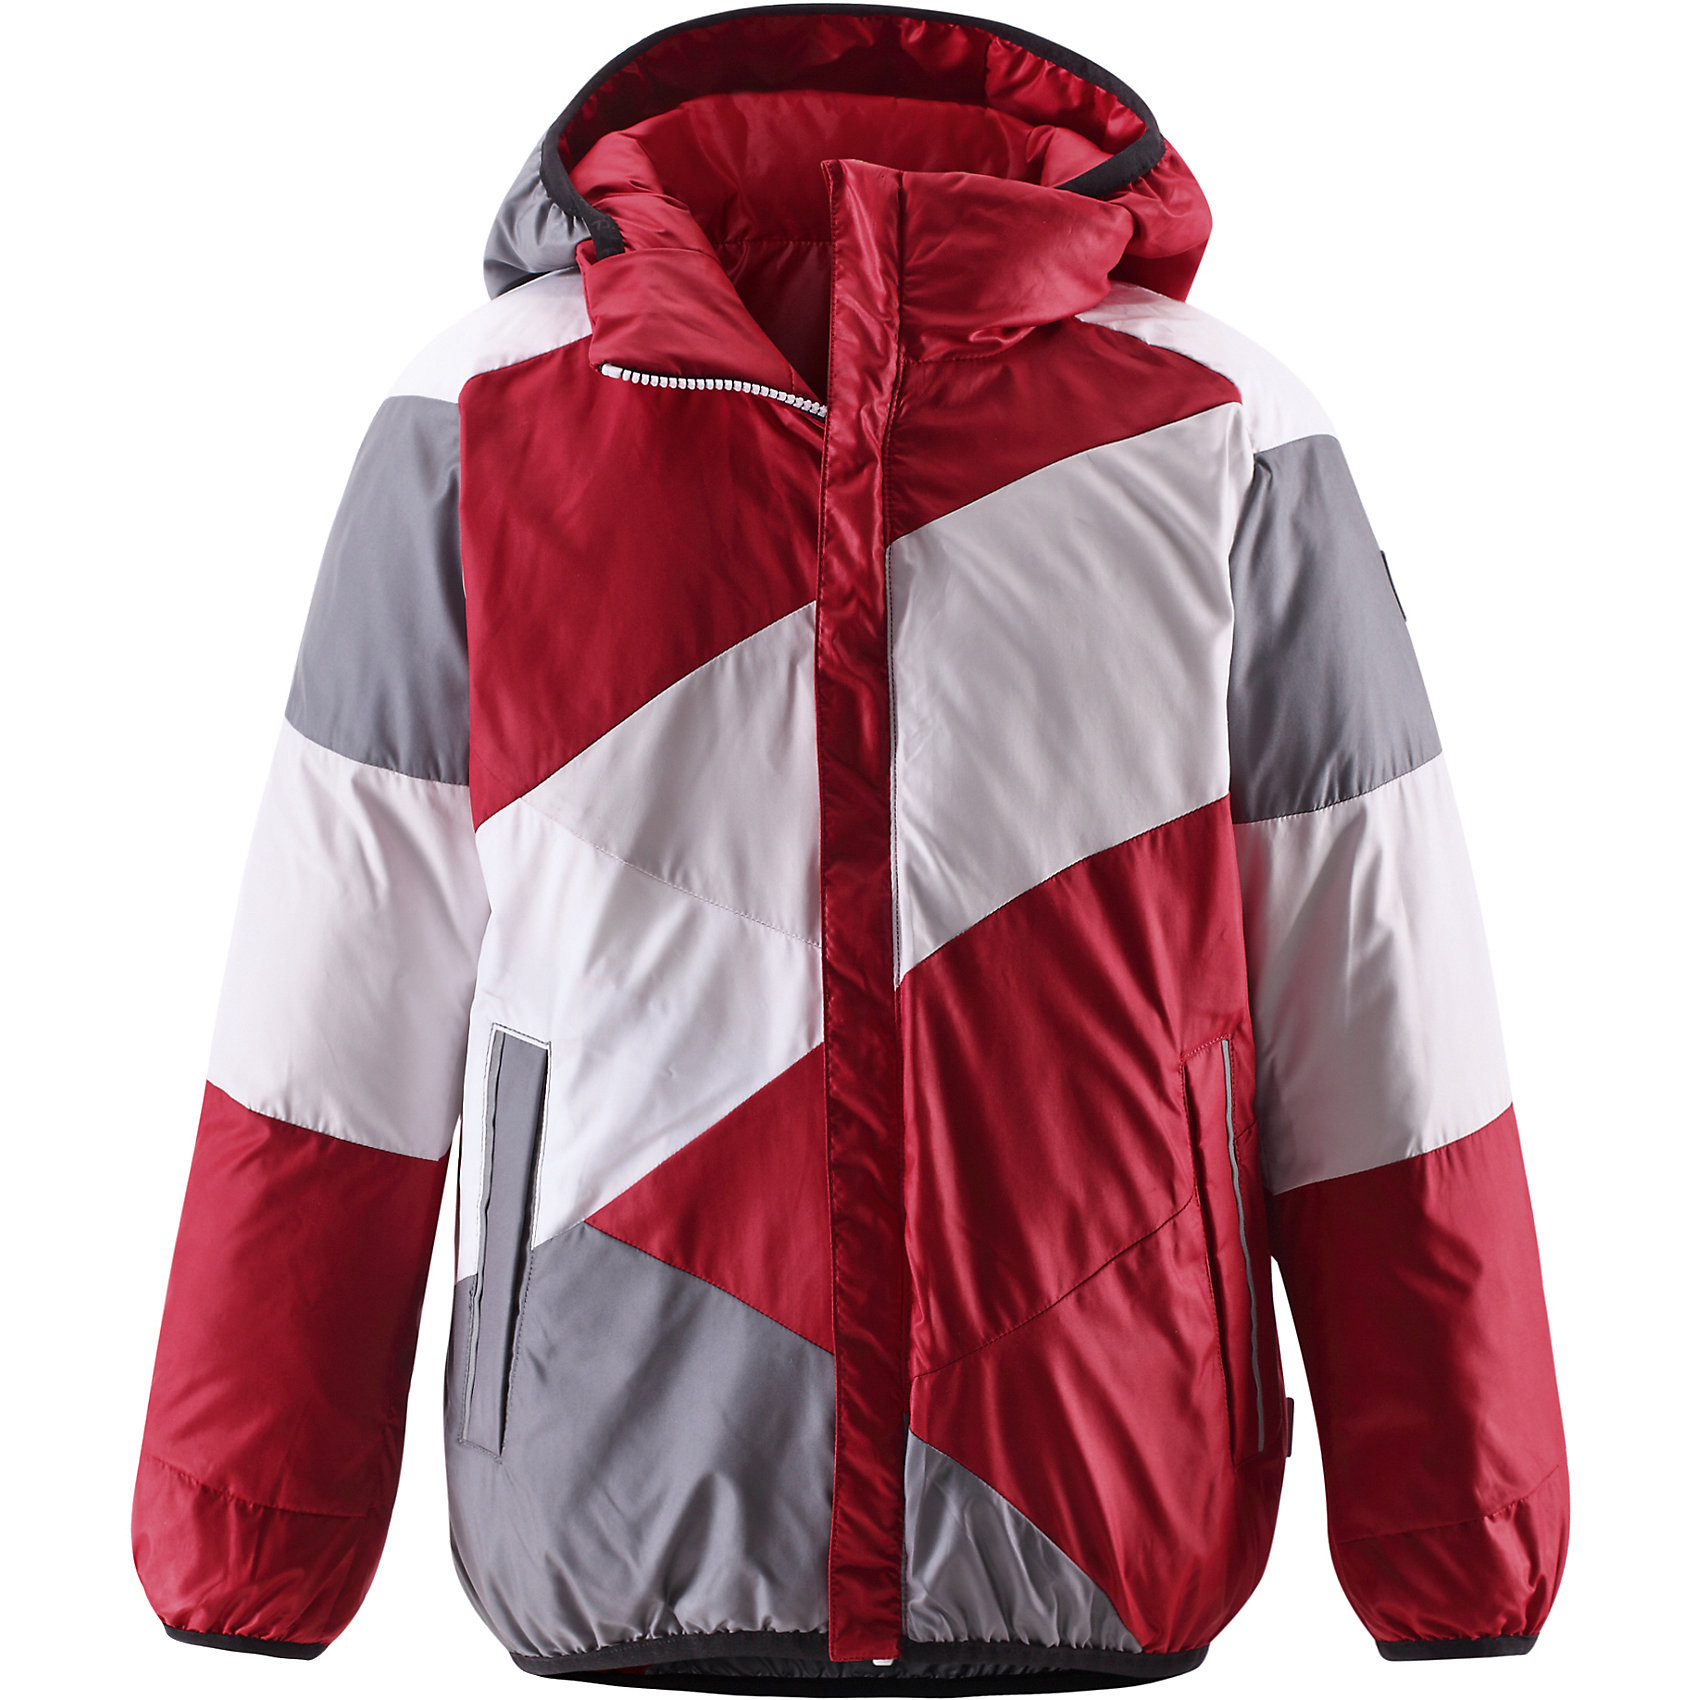 Куртка ReimaОдежда<br>Двусторонняя куртка от финской марки Reima.<br><br>Сегодня однотонная, а завтра яркая и разноцветная! Этот весёлый двусторонний пуховик для детей согреет любителей прогулок в морозные зимние деньки! Пошит из ветронепроницаемого и пропускающего воздух материала, который отталкивает грязь и влагу.<br><br>В этом пуховике вашему ребёнку будет сухо и тепло на прогулке. Традиционный пуховик прямого покроя со съёмным капюшоном, который защитит от зимнего ветра. На этой великолепной зимней куртке имеется множество светоотражающих деталей, например, светоотражающие канты на карманах. Съёмный капюшон обеспечивает дополнительную надёжность - если закреплённый кнопками капюшон зацепится за что-нибудь, он легко отстегнётся. Выберите свой любимый цвет среди модных в этом сезоне расцветок!<br>- Двусторонний пуховик для подростков<br>- Одна сторона однотонная, другая - разноцветная<br>- Карманы на молниях<br>- Эластичный кант на манжетах рукавов, по краю капюшона и подола<br>- Безопасный съёмный капюшон<br><br>Состав:<br>Ткань-100%ПЭ,<br>Наполнитель-60%пух,40%перо<br><br>Ширина мм: 356<br>Глубина мм: 10<br>Высота мм: 245<br>Вес г: 519<br>Цвет: красный<br>Возраст от месяцев: 72<br>Возраст до месяцев: 84<br>Пол: Унисекс<br>Возраст: Детский<br>Размер: 122,164,152,146,104,140,134,128,116,110,158<br>SKU: 4632039